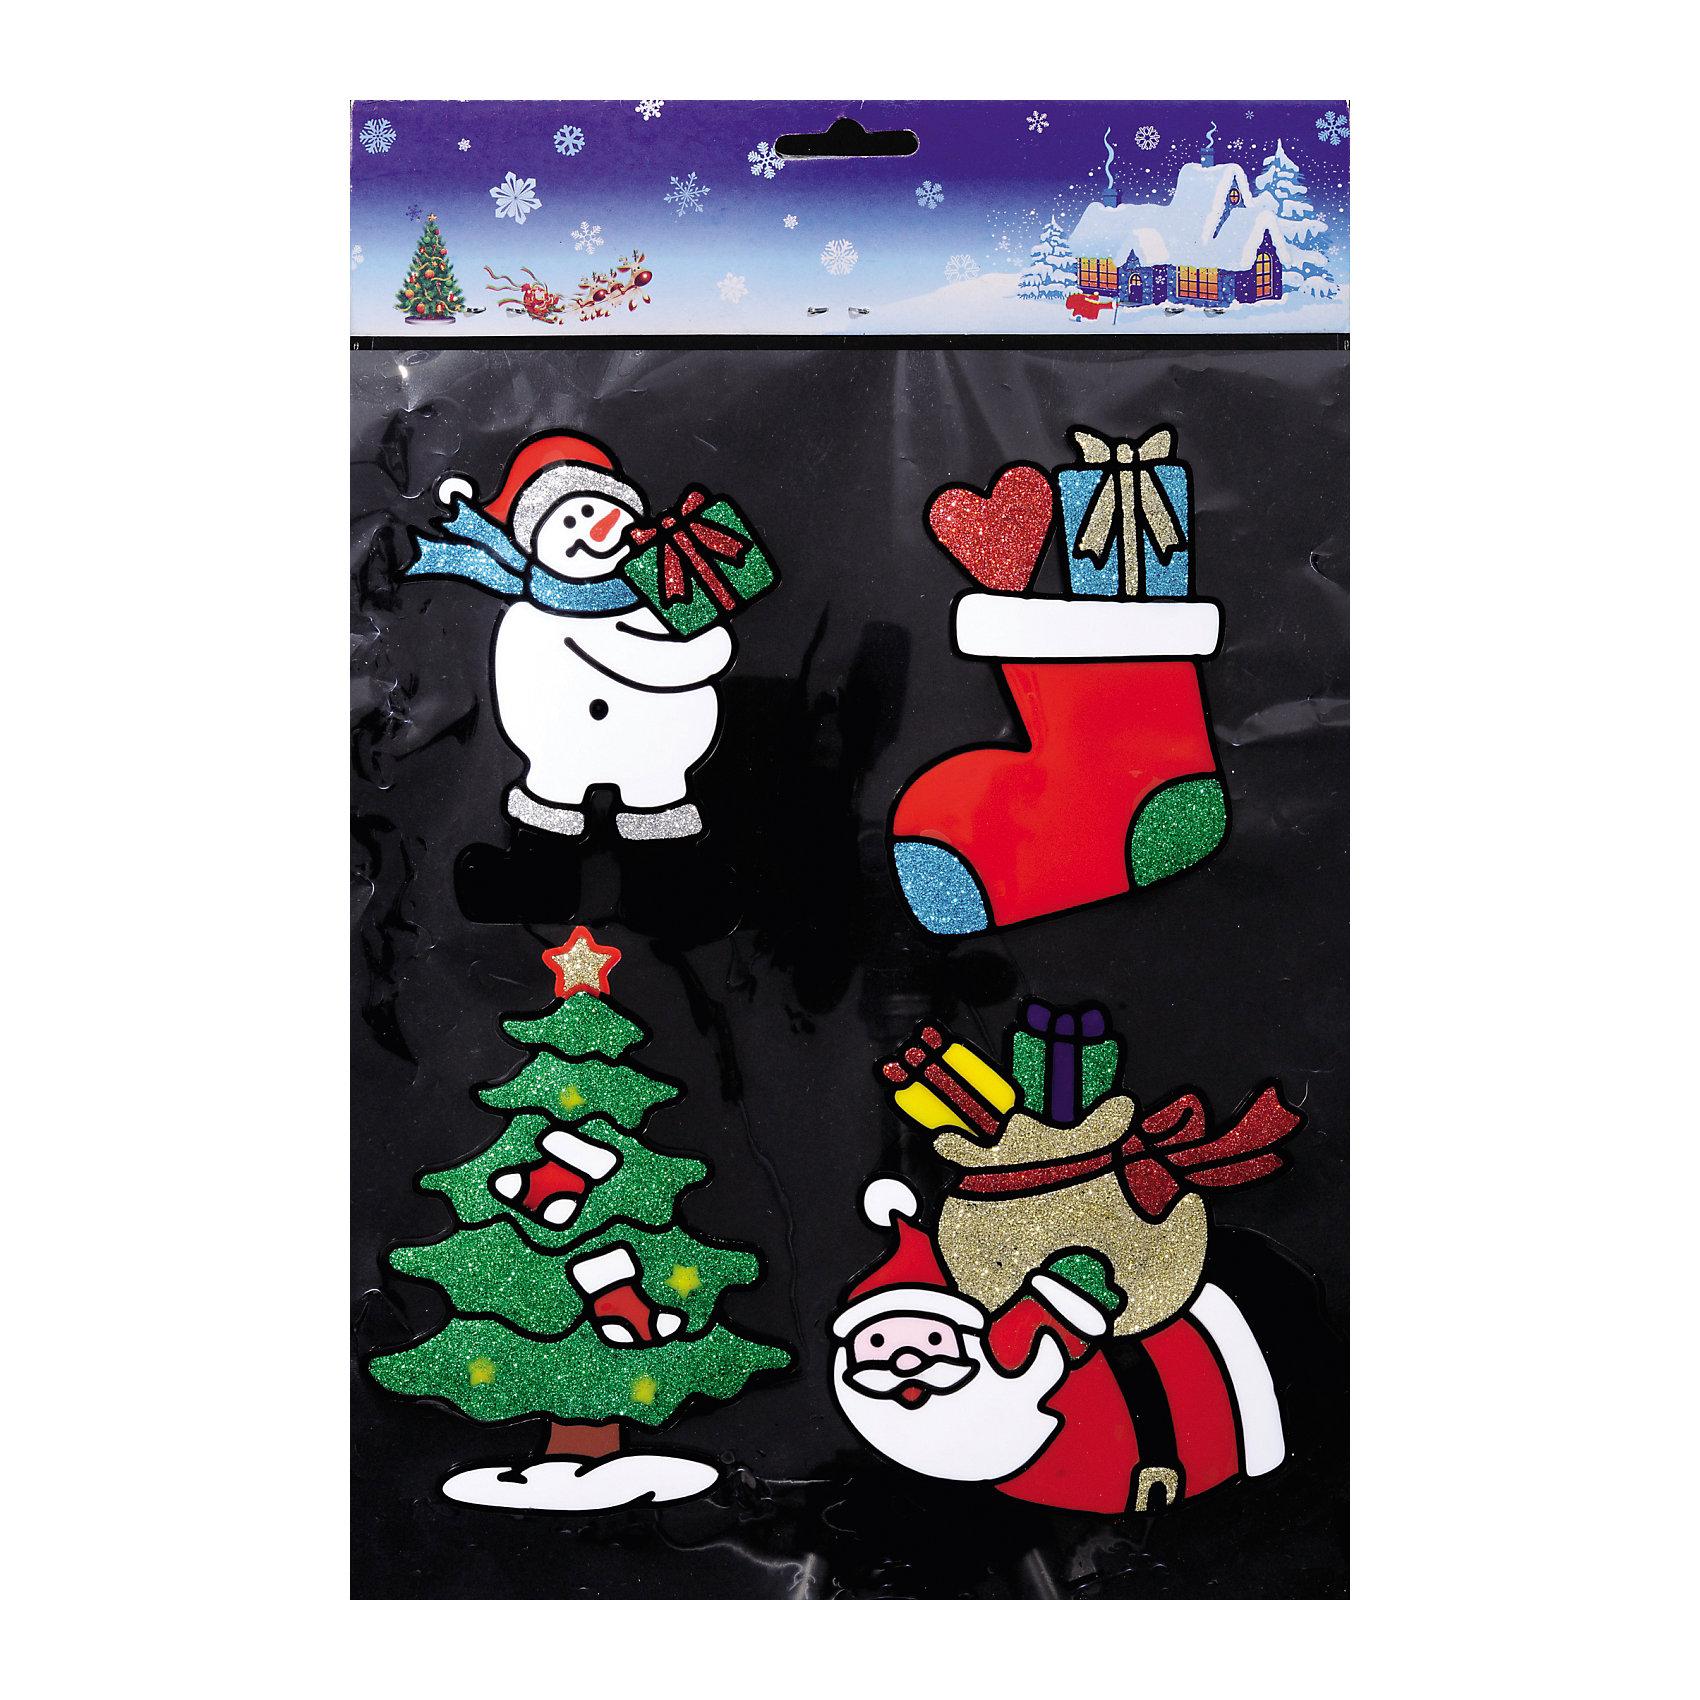 Наклейки на окно Новогодние хлопоты (4 шт) 12,5*15 смПри помощи Наклеек на окно Новогодние хлопоты (4 шт) 12,5*15 см с изображениями главных символов Нового Года и Рождества (снеговик, носочек для подарков, Дед Мороз, елочка) и других аксессуаров можно составить на стекле целое зимнее панно, которое будет радовать глаз и поднимать настроение в праздничные дни! Также Вы можете преподнести этот сувенир в качестве мини-презента коллегам, близким и друзьям с пожеланиями счастливого Нового Года!<br><br>Дополнительная информация:<br>-Материалы: силикон, блестки<br>-Размер в упаковке: 12,5х0,5х15 см<br>-Вес в упаковке: 77 г<br>-Размер: 12,5х15 см<br><br>Наклейки на окно Новогодние хлопоты (4 шт) 12,5*15 см можно купить в нашем магазине.<br><br>Ширина мм: 125<br>Глубина мм: 5<br>Высота мм: 150<br>Вес г: 77<br>Возраст от месяцев: 84<br>Возраст до месяцев: 2147483647<br>Пол: Унисекс<br>Возраст: Детский<br>SKU: 4286723